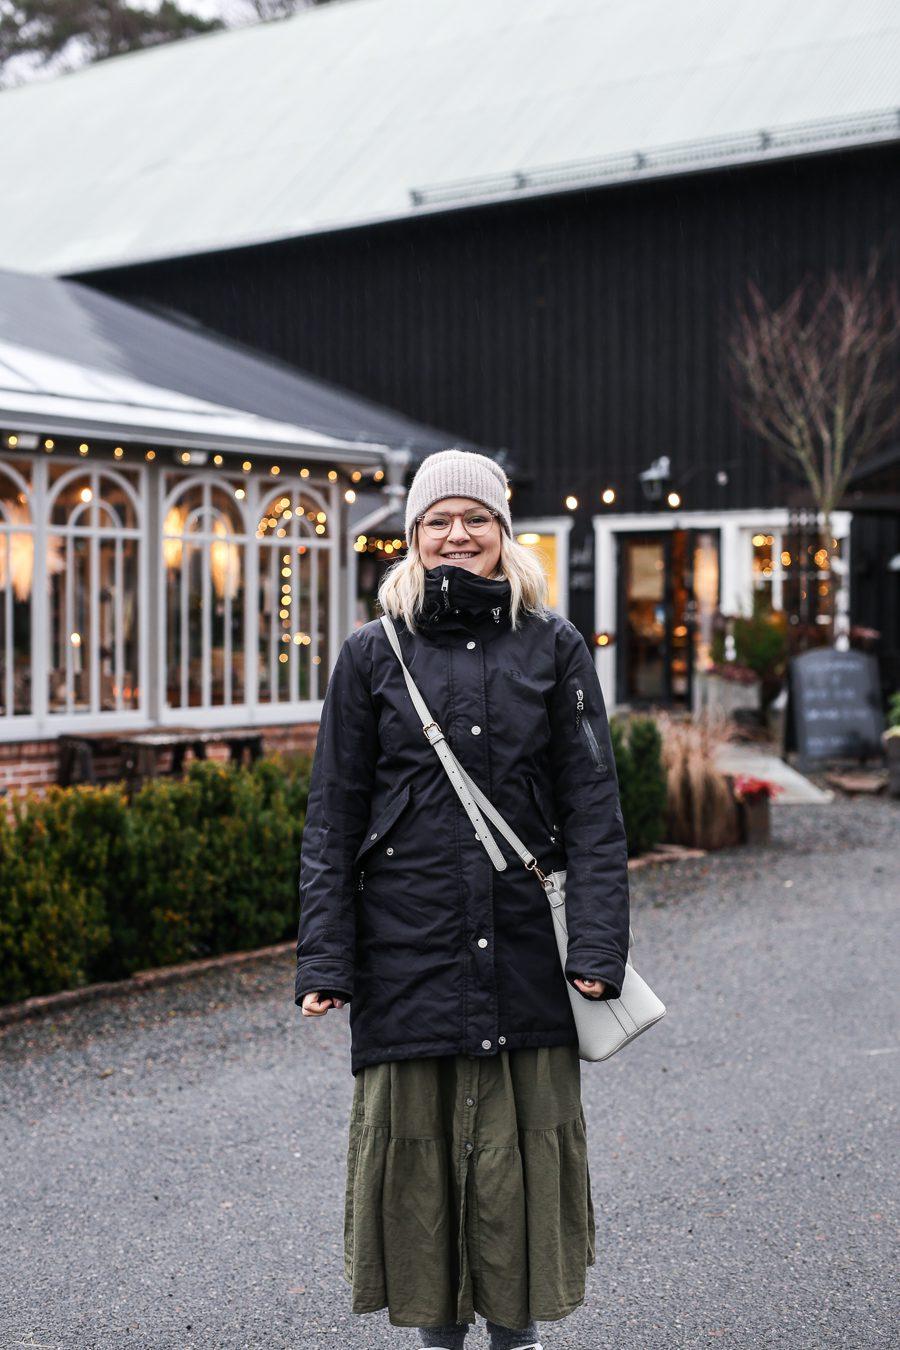 viktoria holmgren lovely life jonkoping hooks leva cafe